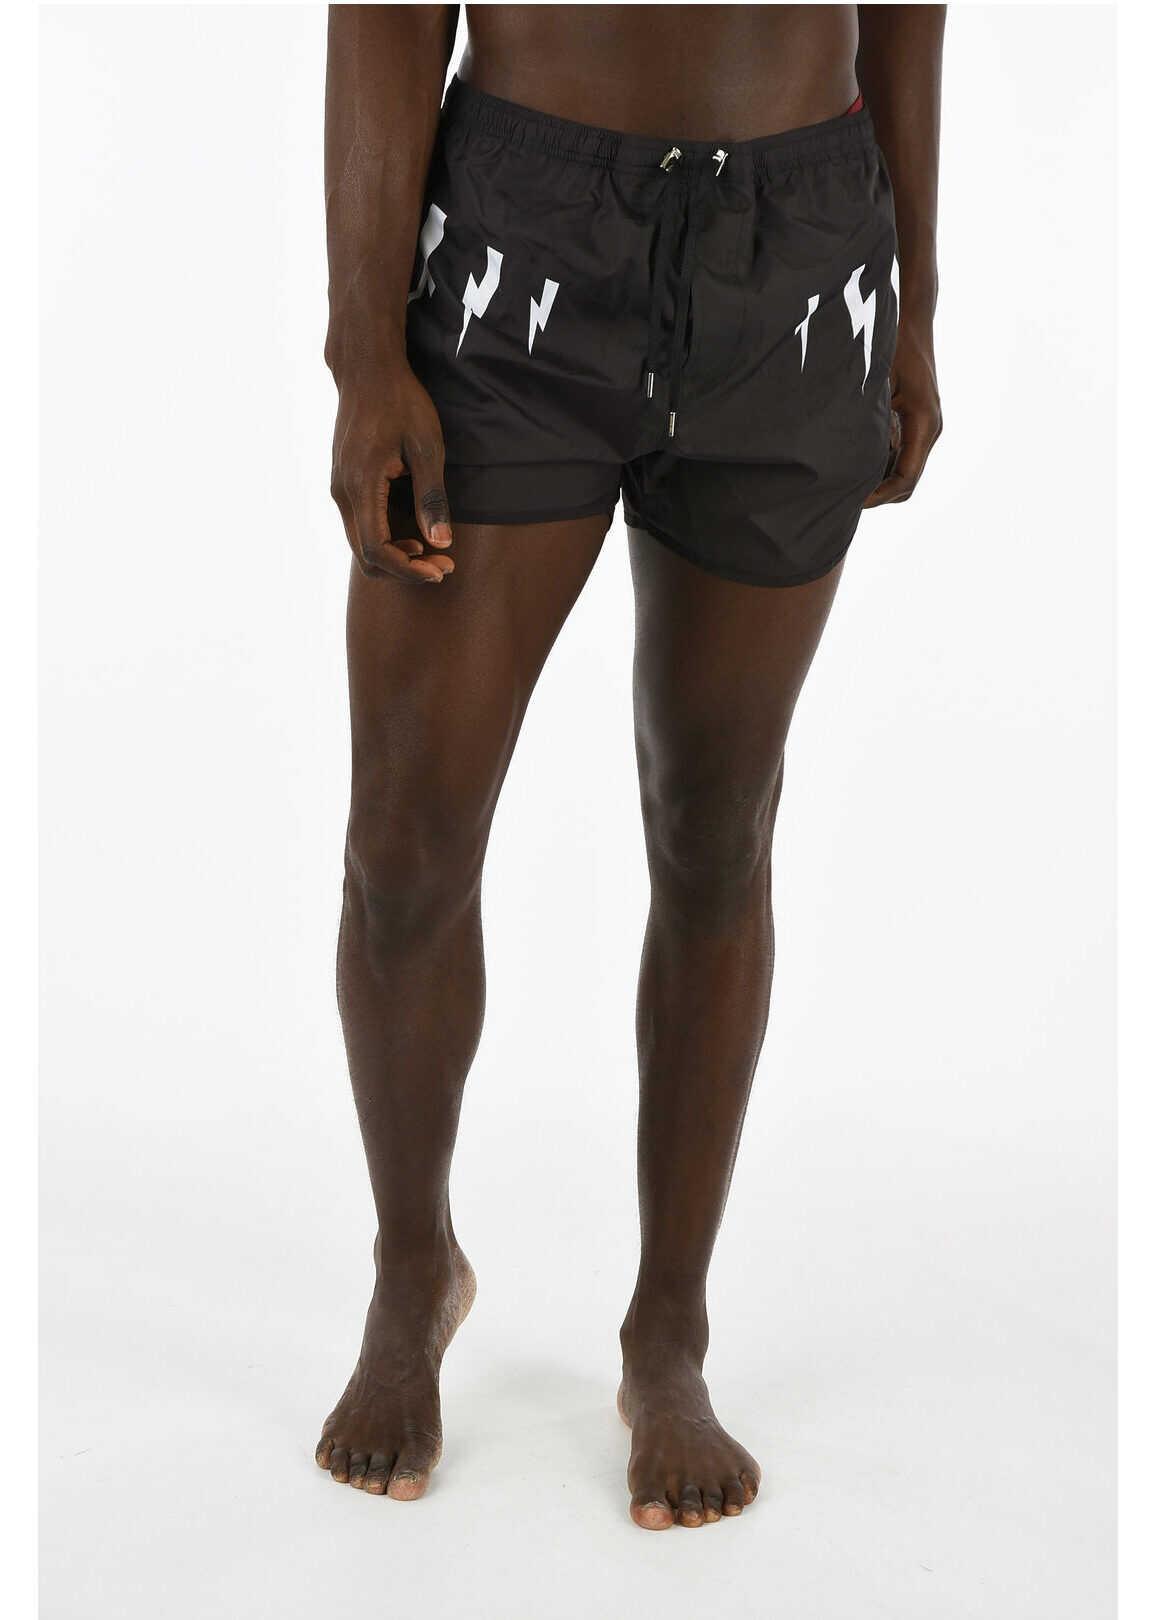 Neil Barrett Thunder printed boxer beachwear BLACK